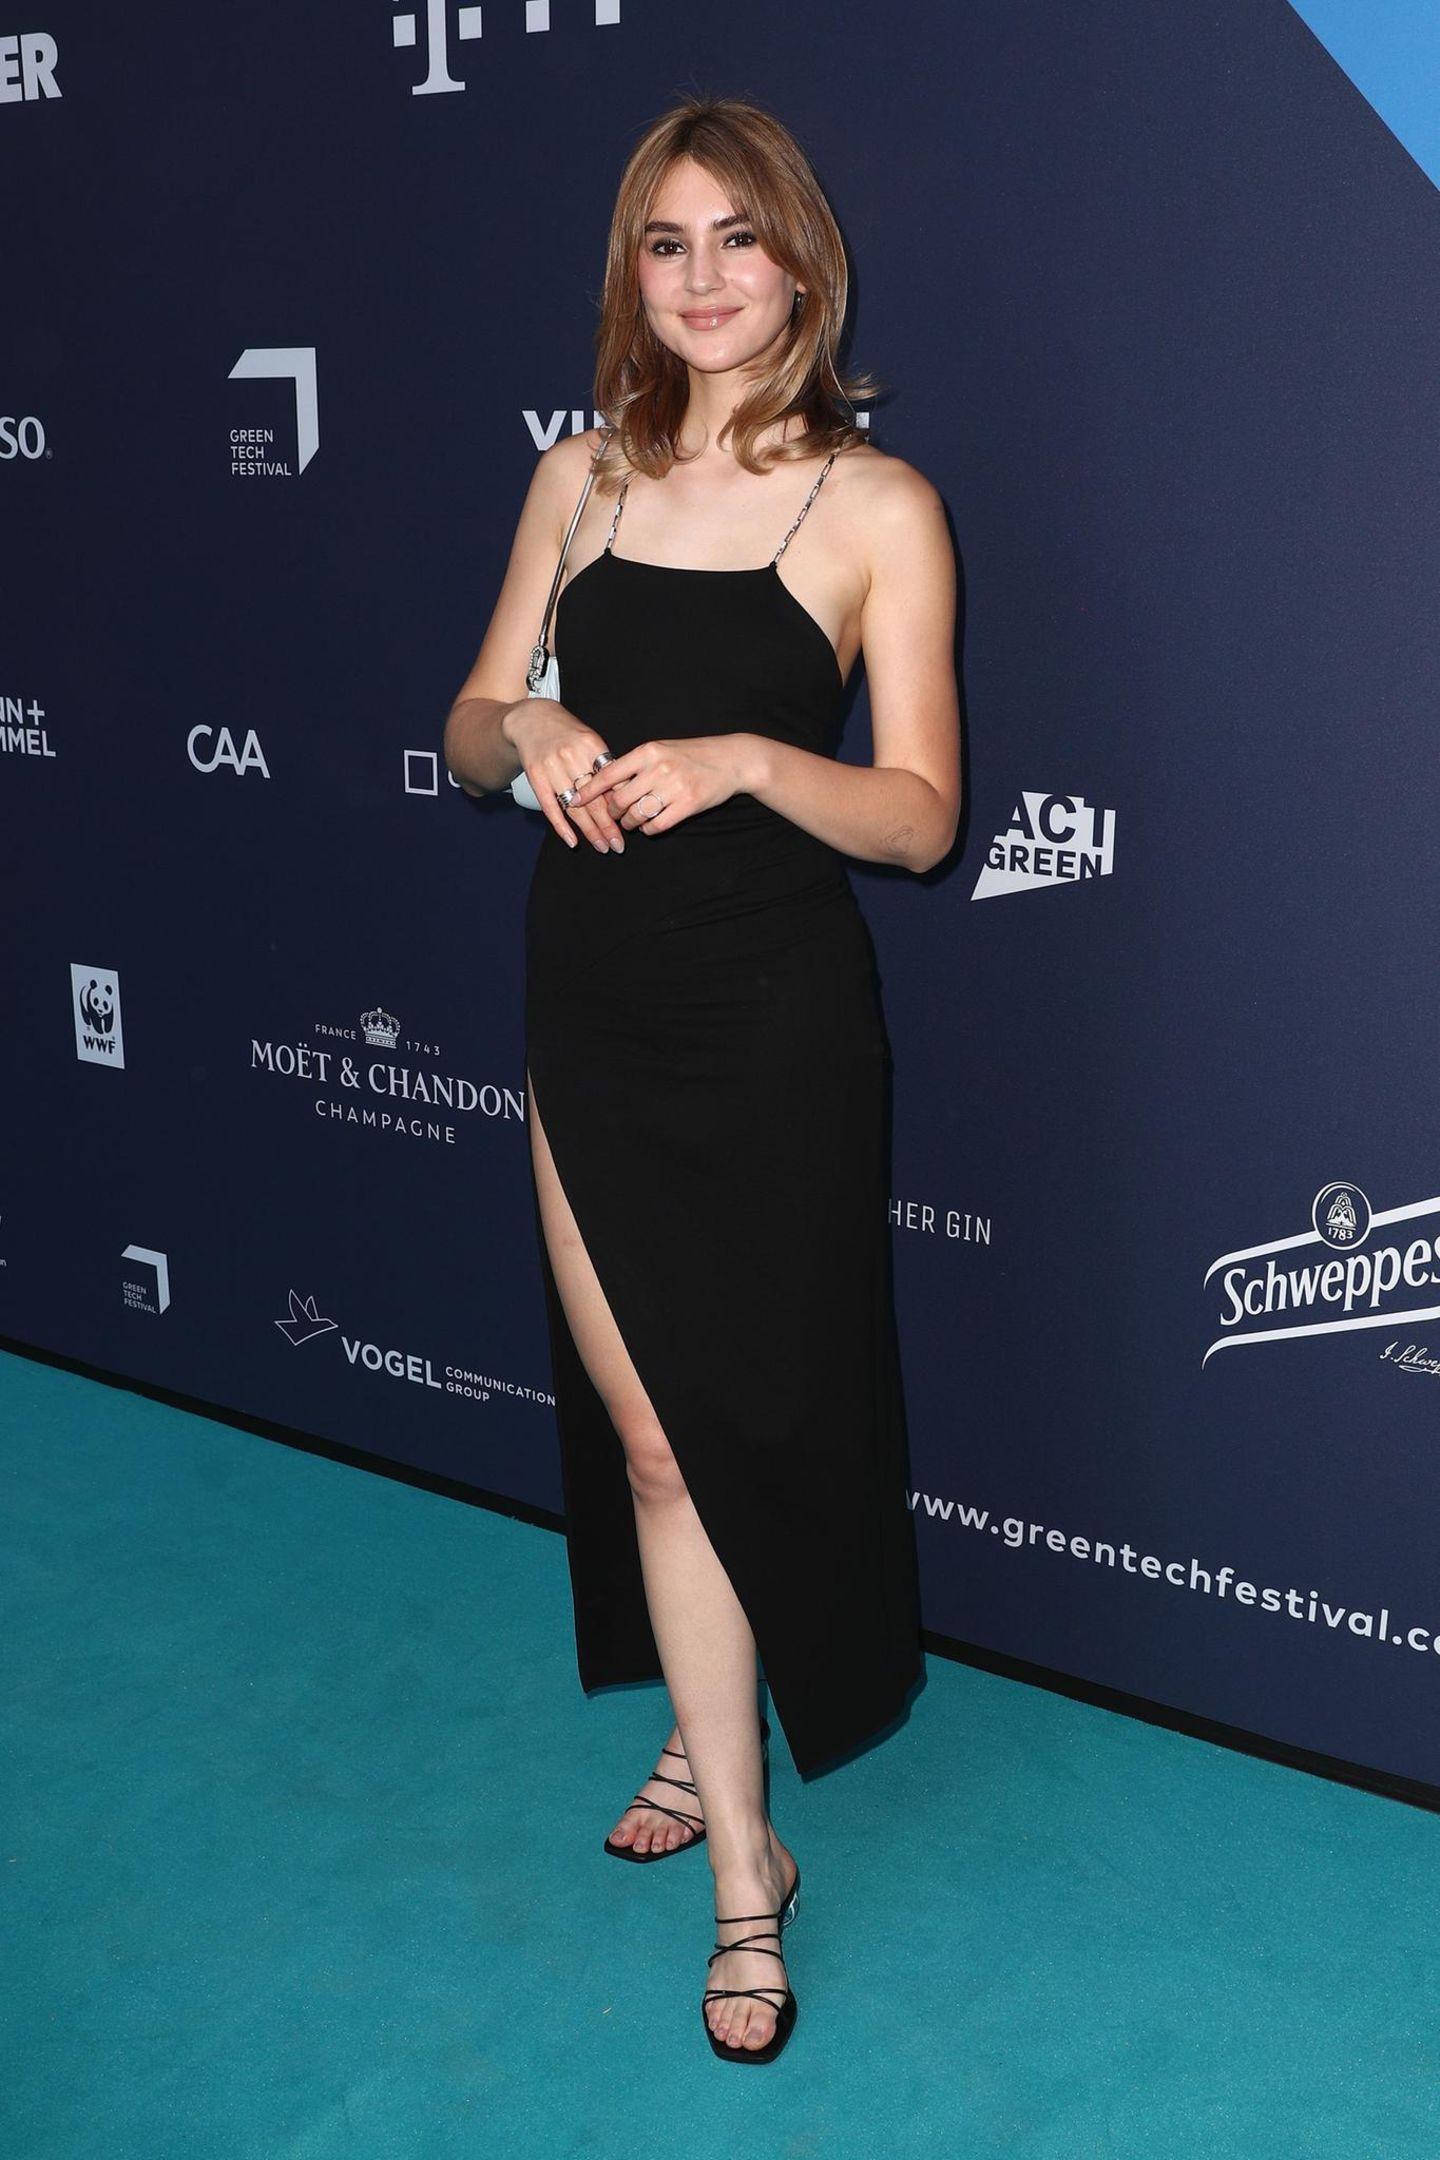 Bei den Green Awards in Berlin darf Stefanie Giesinger nicht fehlen. Sie trägt ein schwarzes Kleid mit hohem Beinschlitz und extraschmalen Kettenträgern.